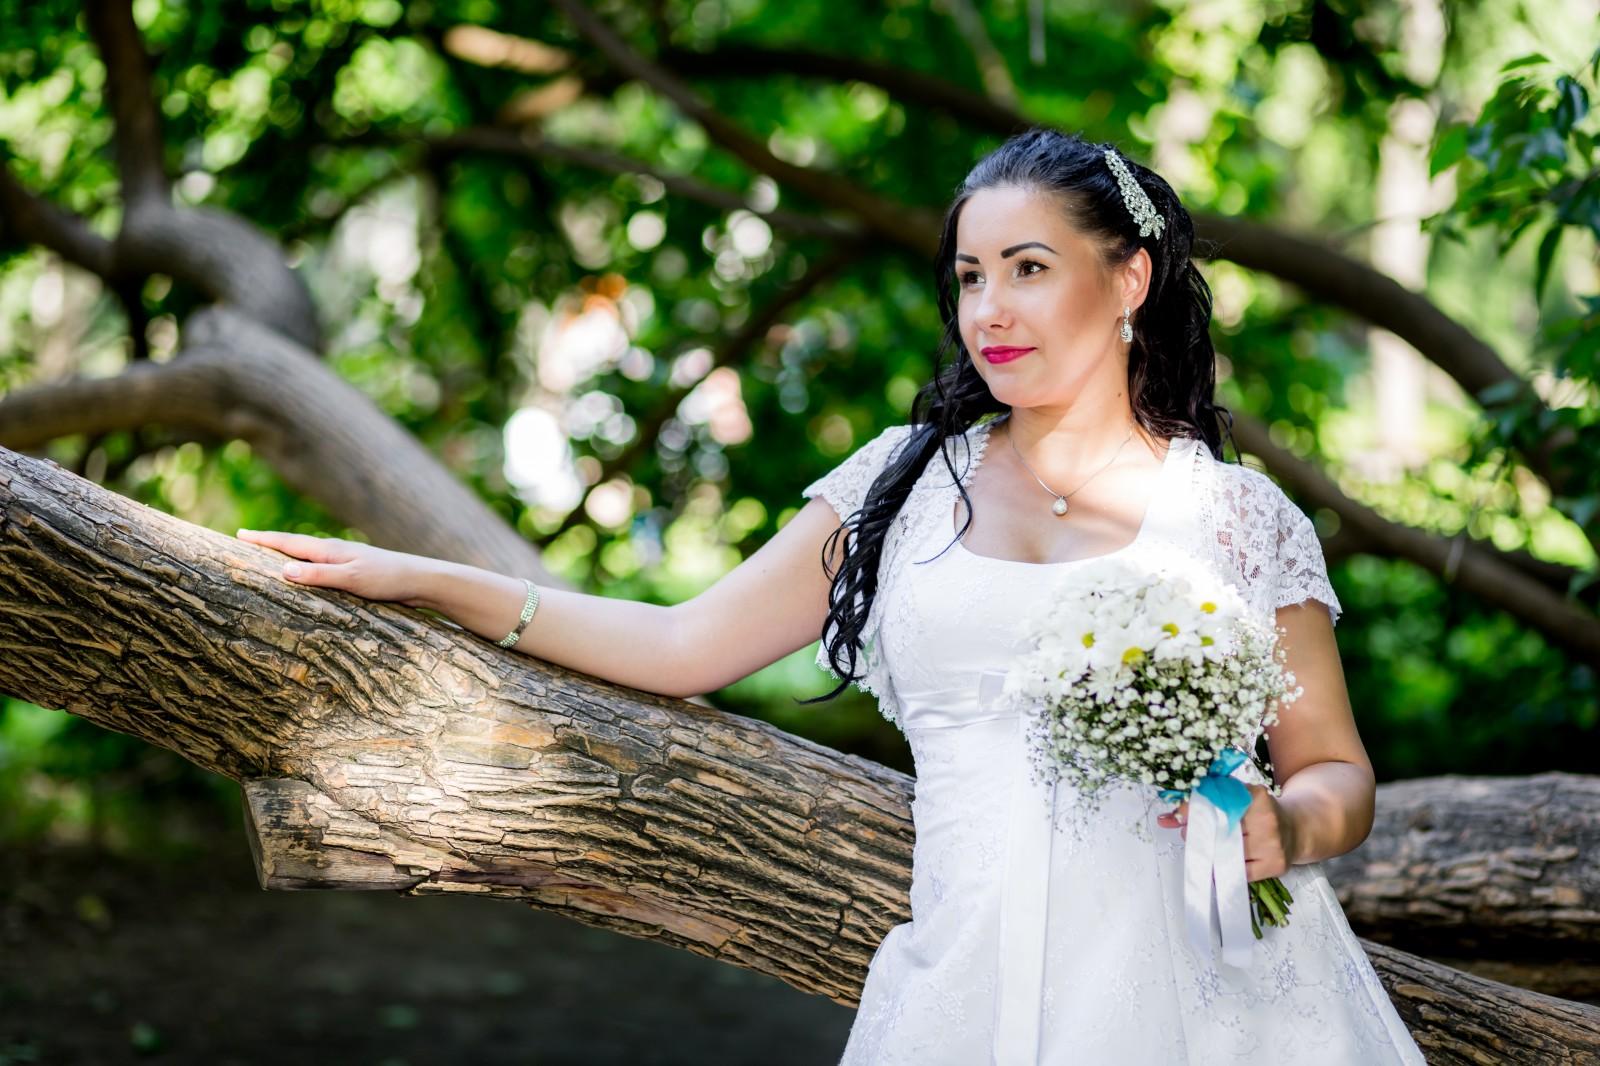 Фото невест в деревне, Свадьба без гламура и пафоса. Фото деревенской свадьбы 25 фотография